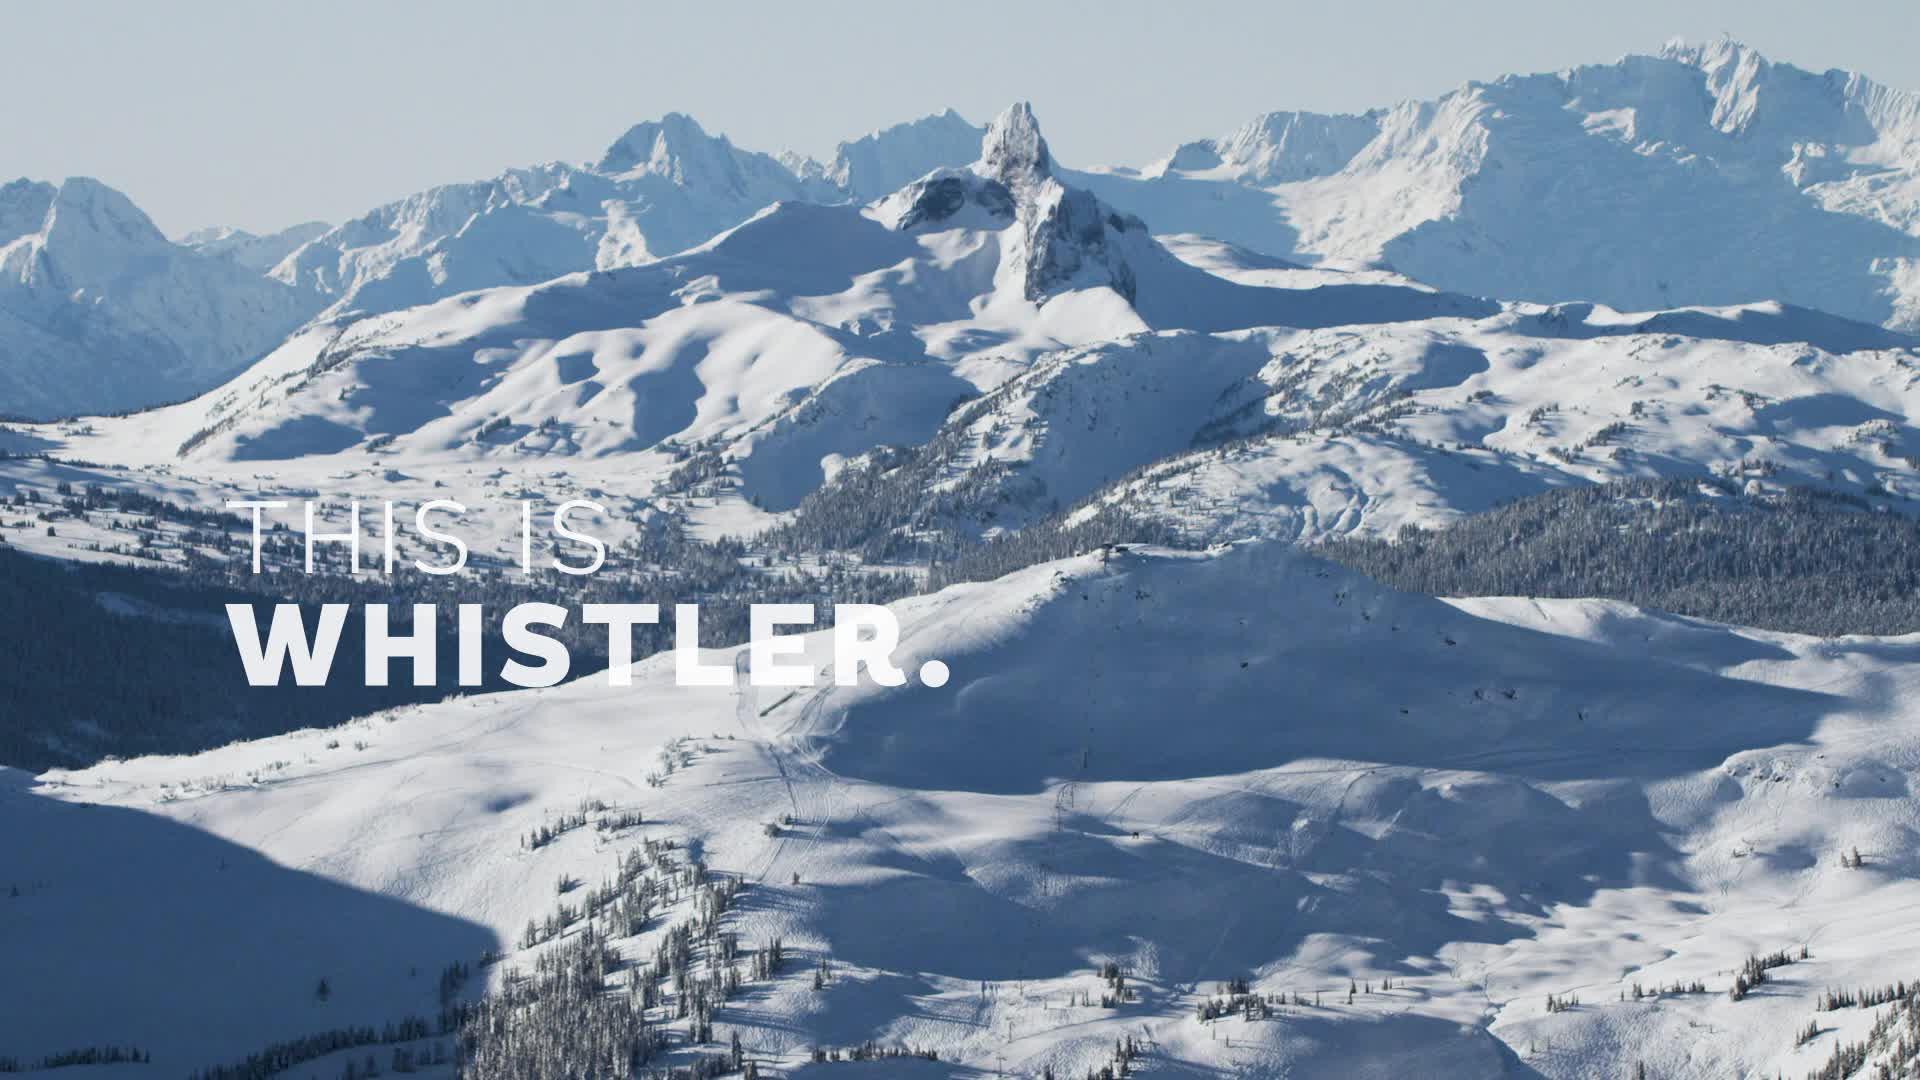 Whistler 2019: Best of Whistler, Canada Tourism - TripAdvisor